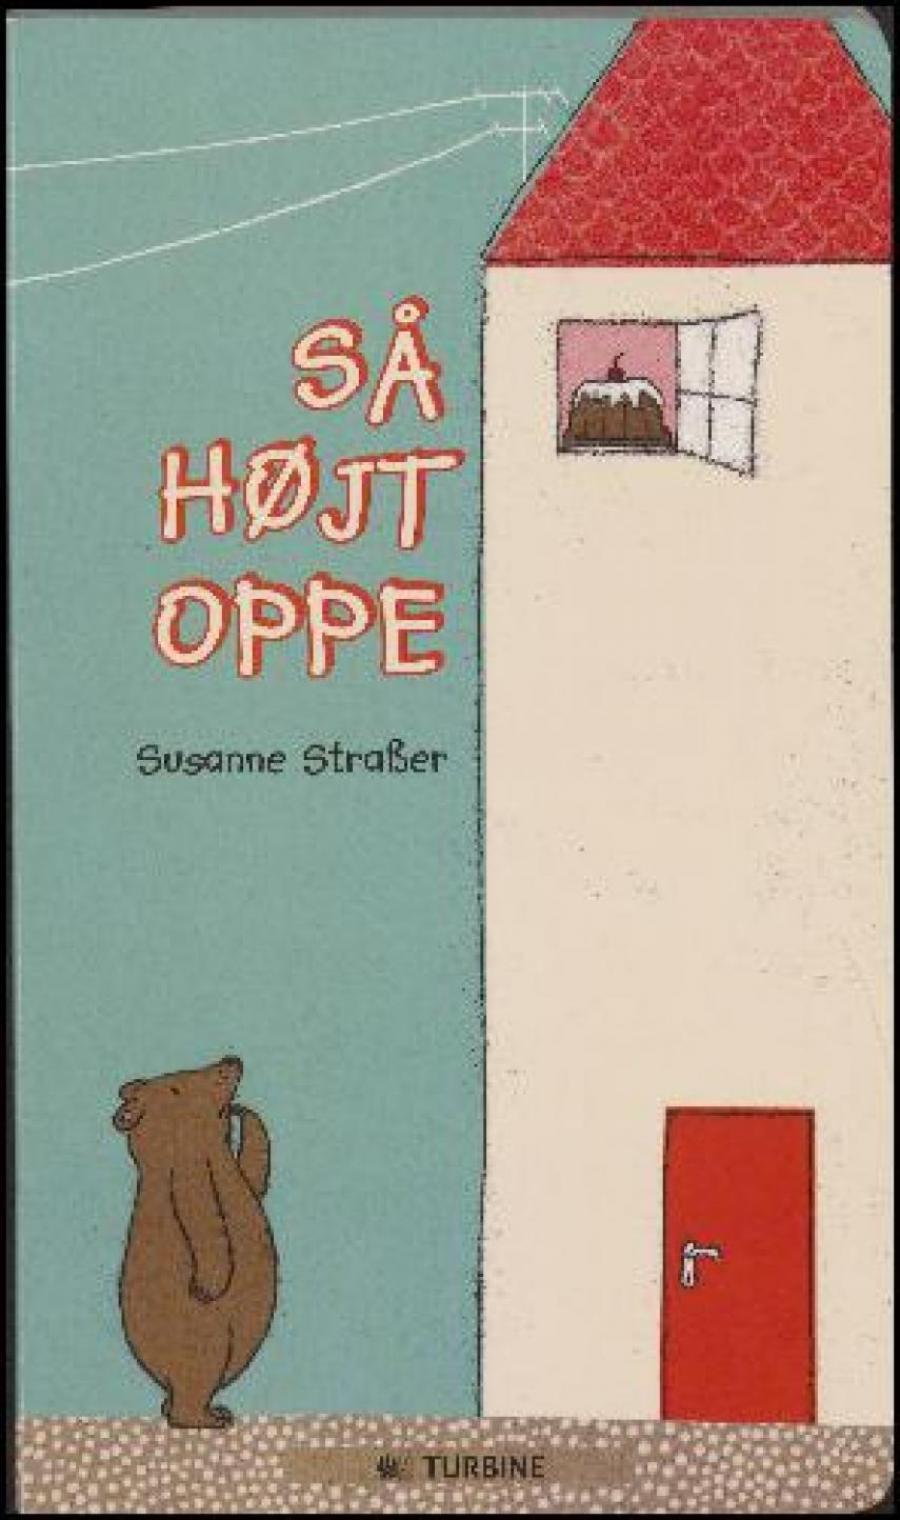 Forside af bogen Så højt oppe